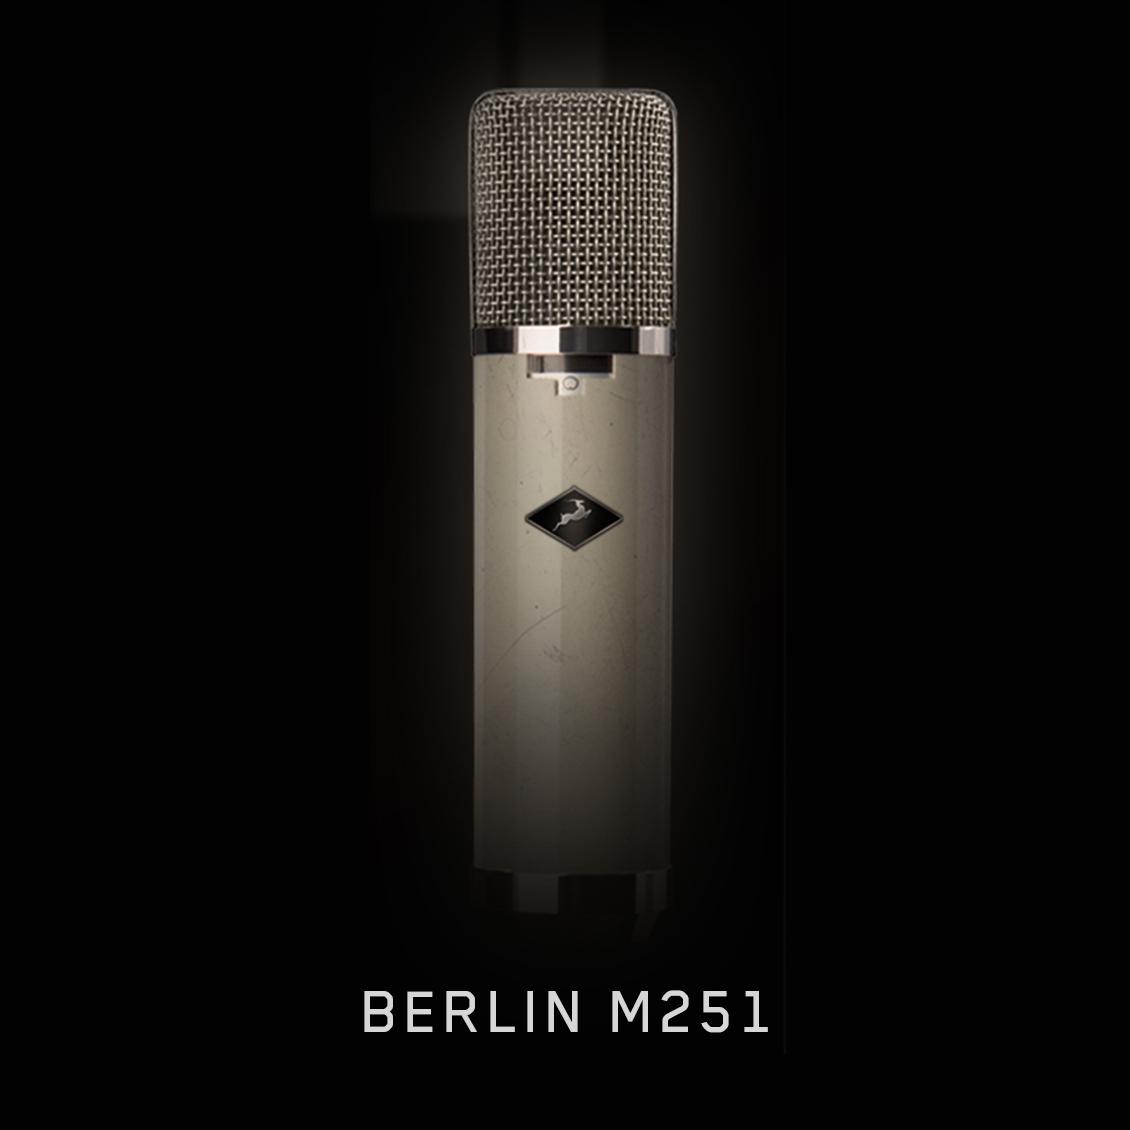 Berlin M251